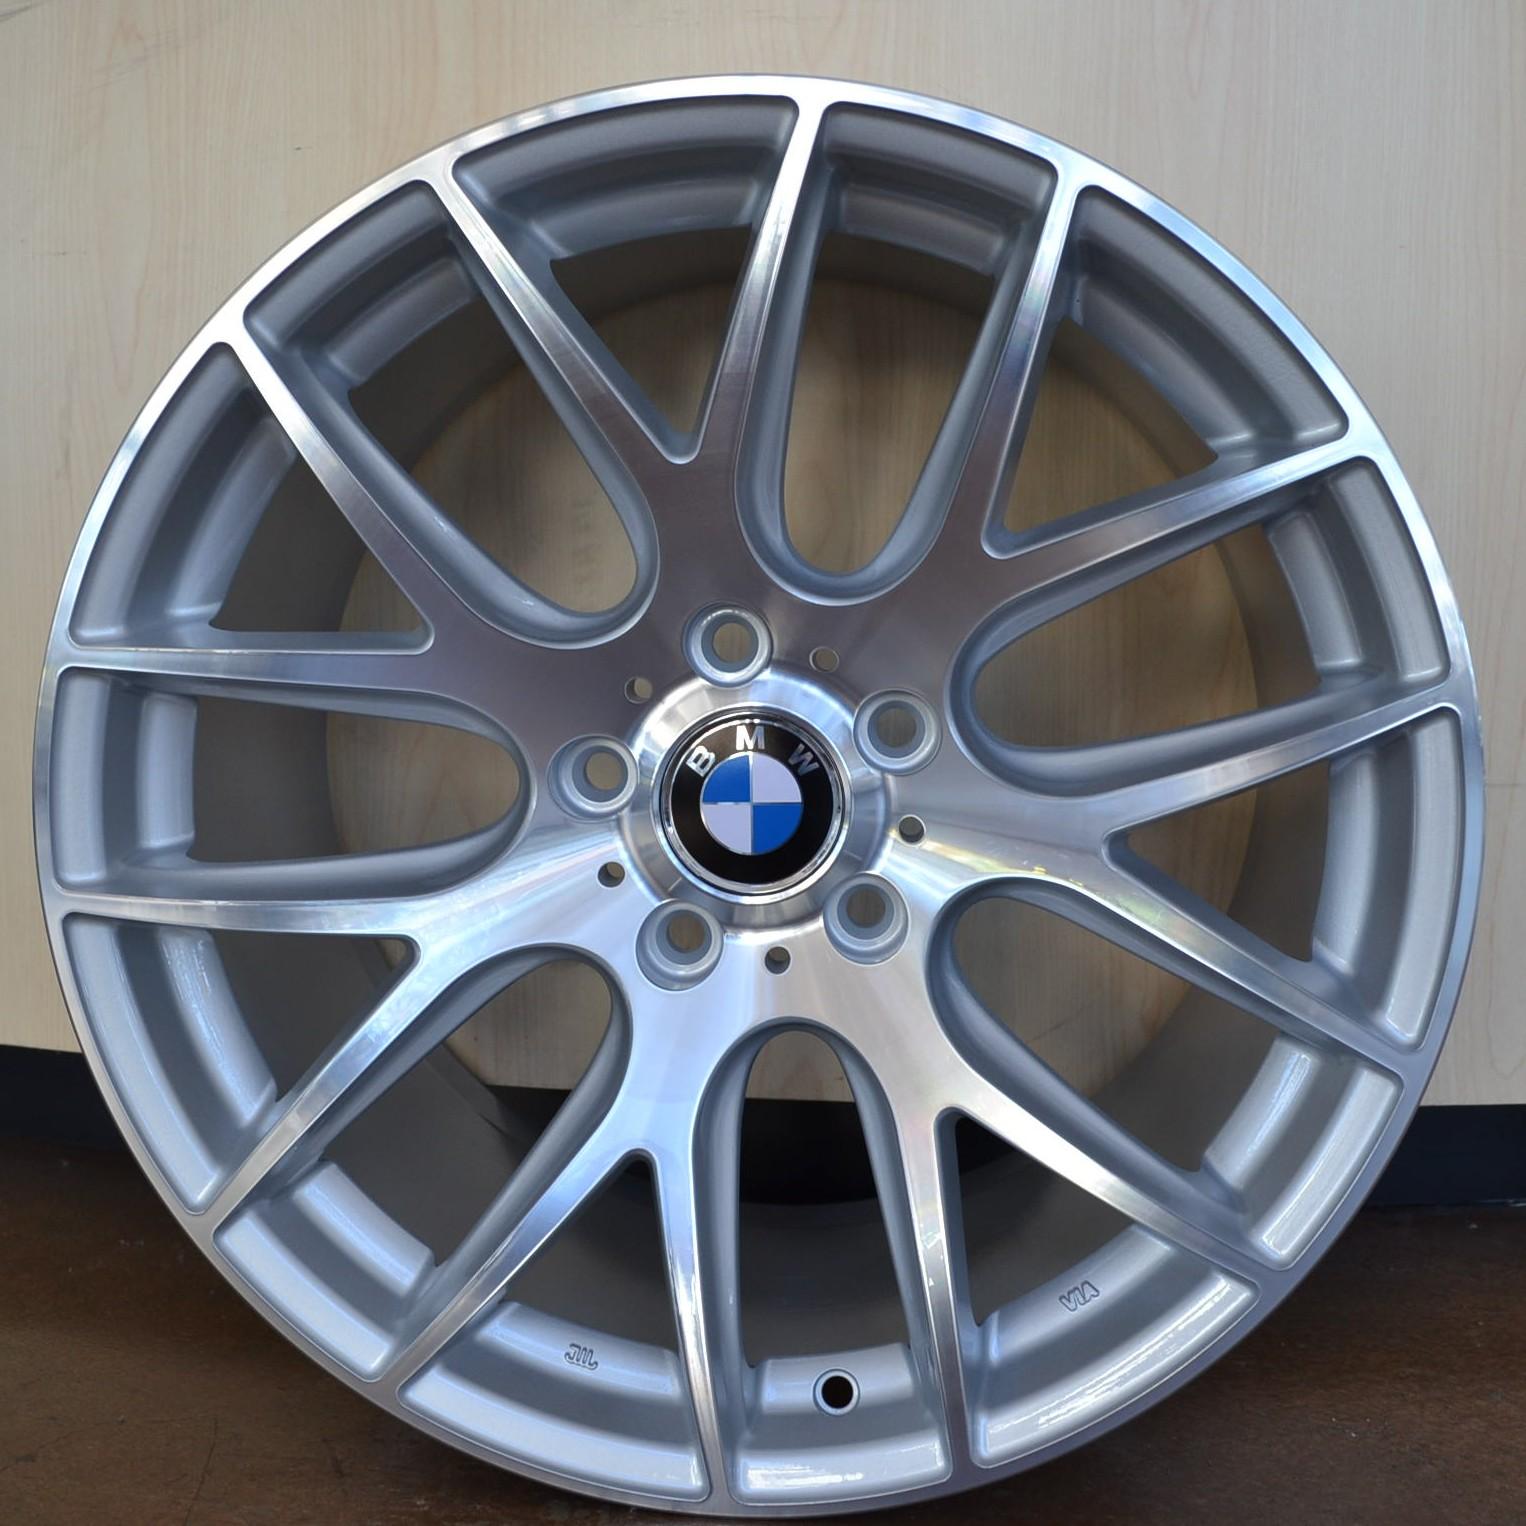 Bmw Wheels Rim 325i 325xi 325ci E46 E90 M3 Hyper Silver